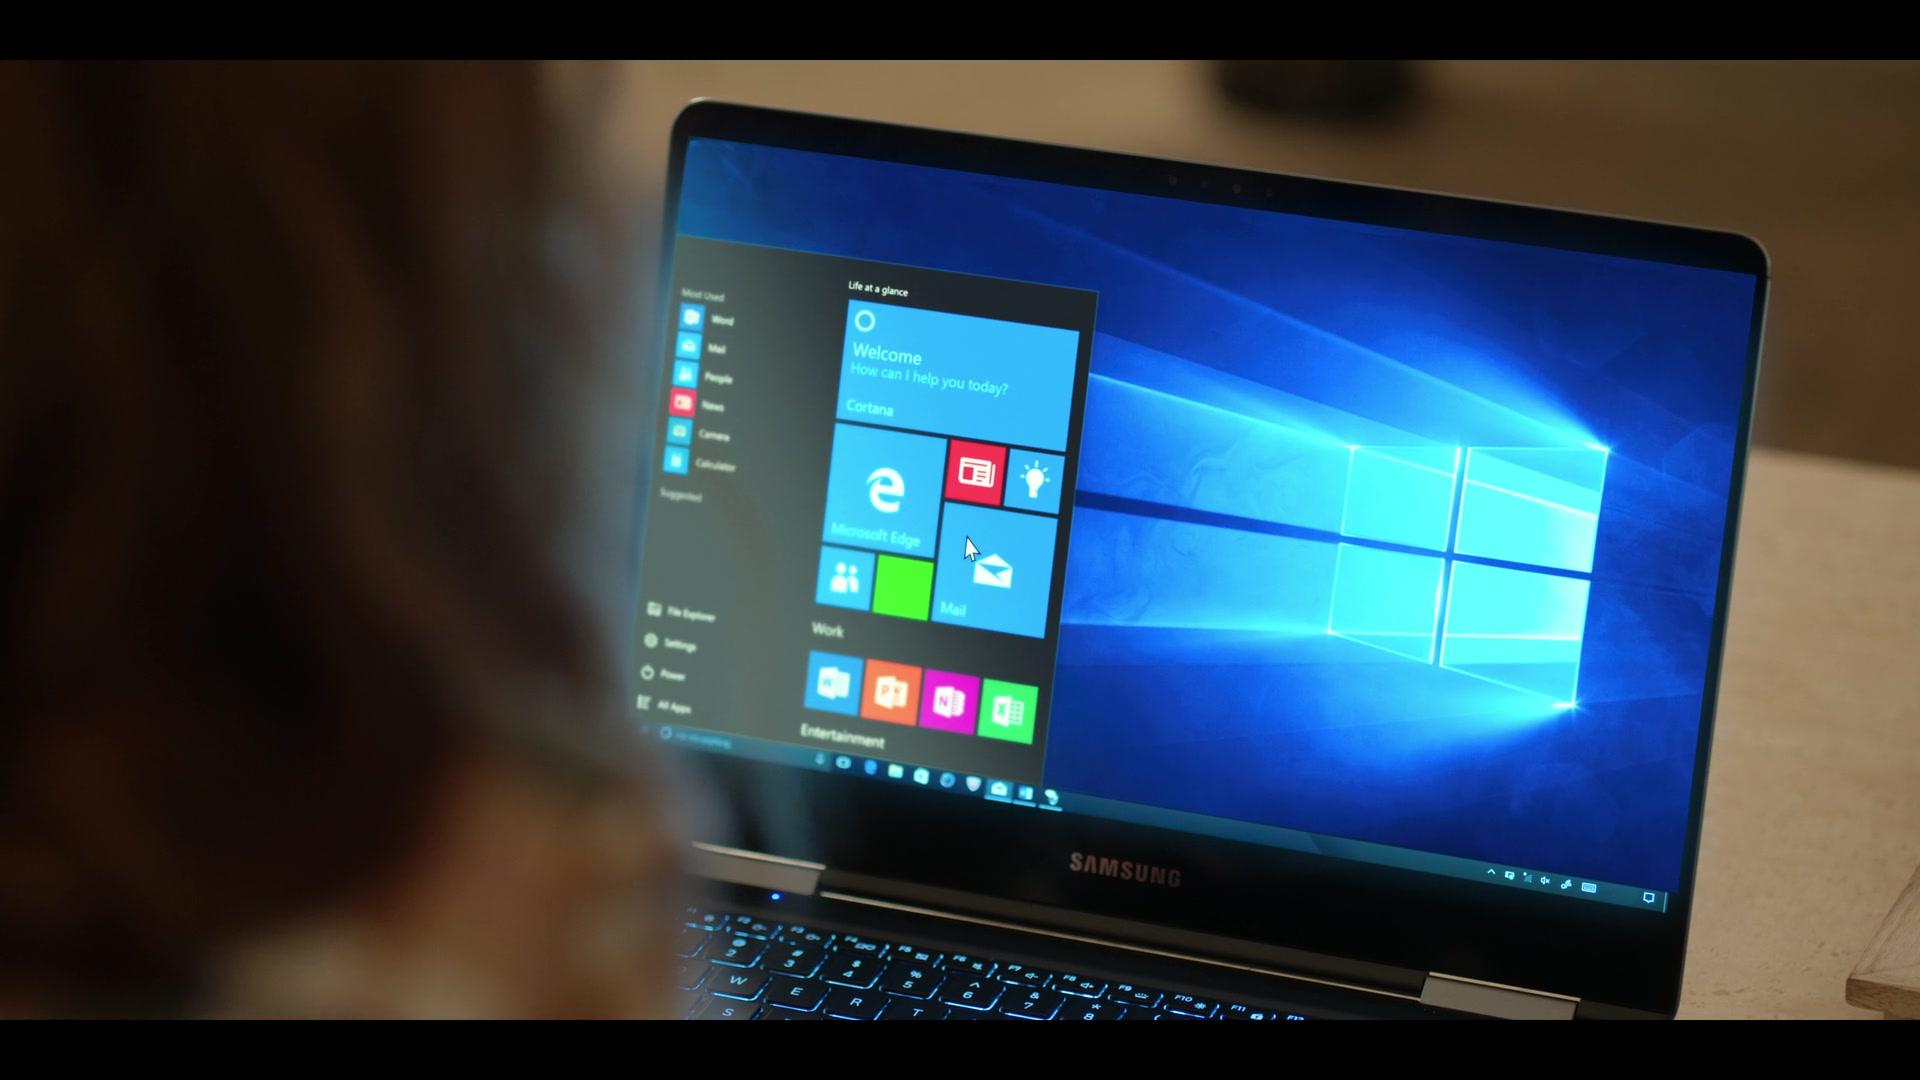 Samsung Laptop Used By Nasim Pedrad As Wesley In Desperados 2020